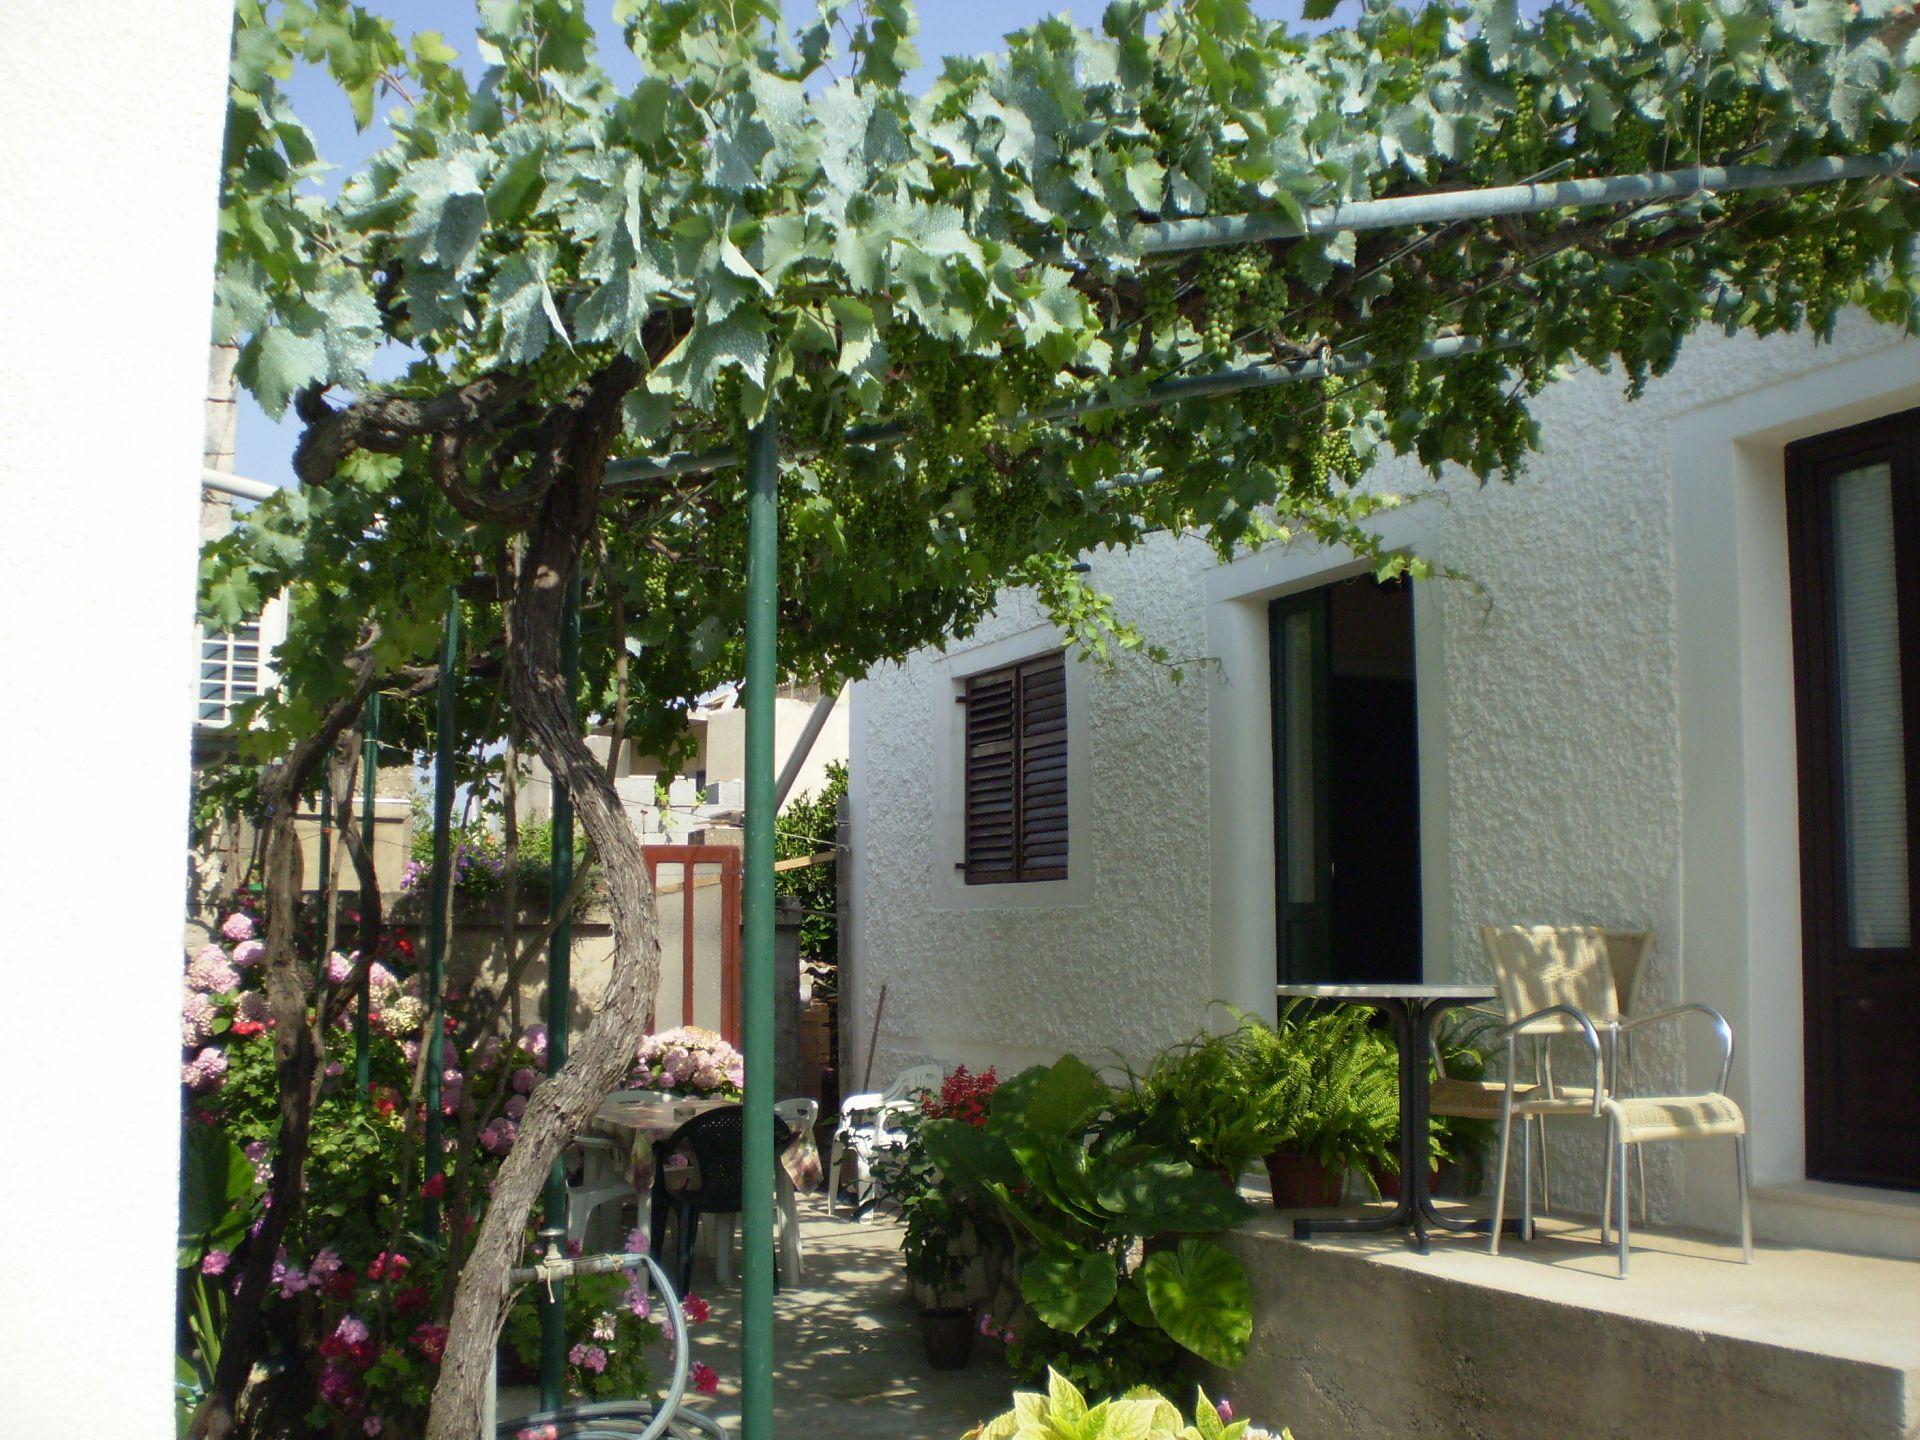 Ferienhaus Smi H1(4+1) - Sucuraj (742077), Sucuraj, Insel Hvar, Dalmatien, Kroatien, Bild 2